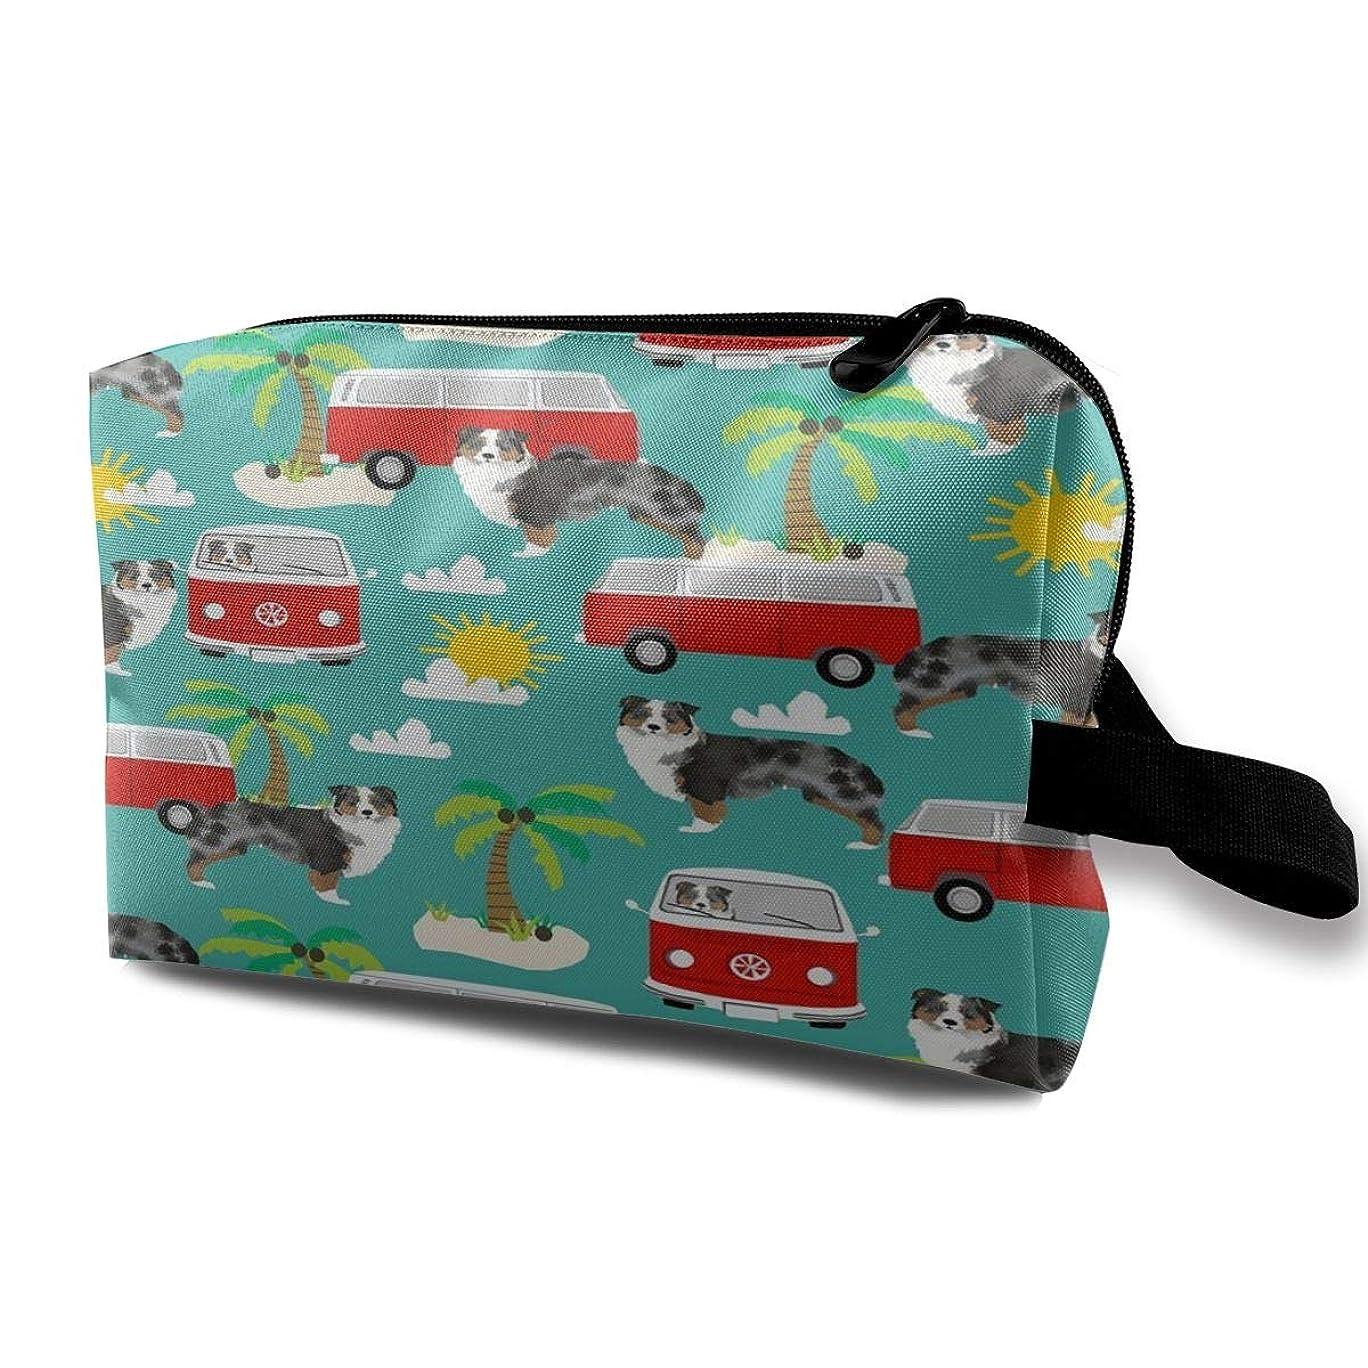 哲学ハック温度Australian Shepherd Beach Mini Bus 収納ポーチ 化粧ポーチ 大容量 軽量 耐久性 ハンドル付持ち運び便利。入れ 自宅?出張?旅行?アウトドア撮影などに対応。メンズ レディース トラベルグッズ